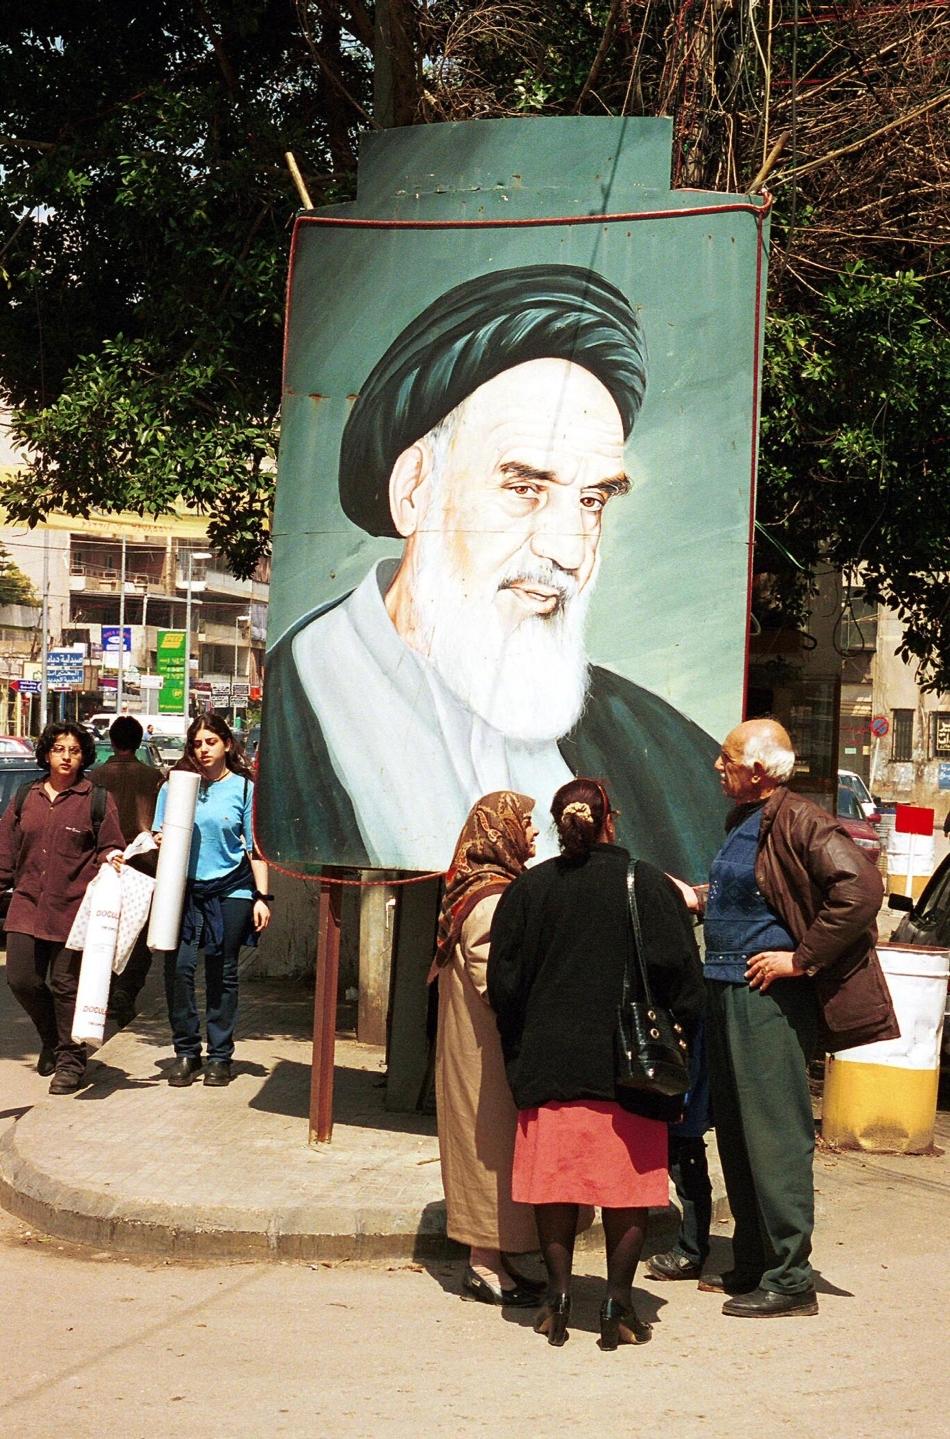 Portretul Ayatollahului Komeyni este omniprezent în Iran